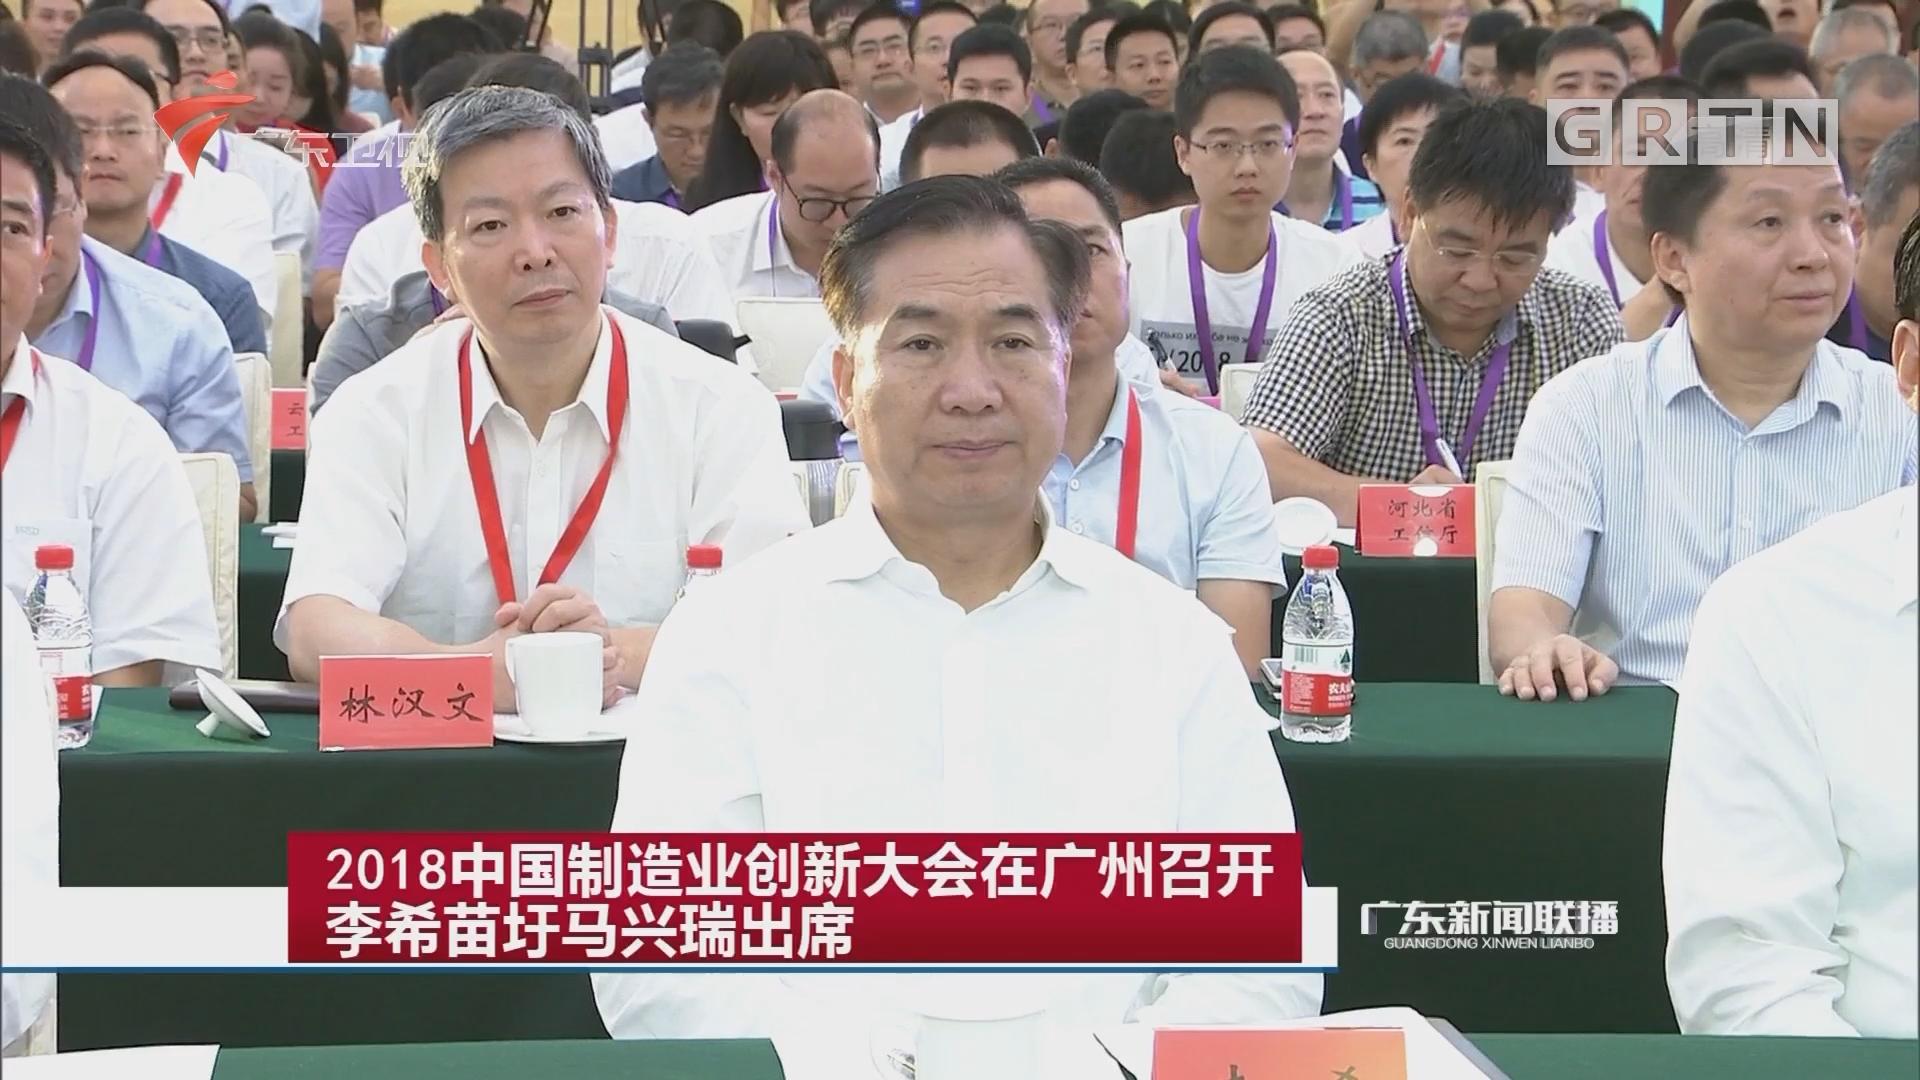 2018中国制造业创新大会在广州召开 李希苗圩马兴瑞出席